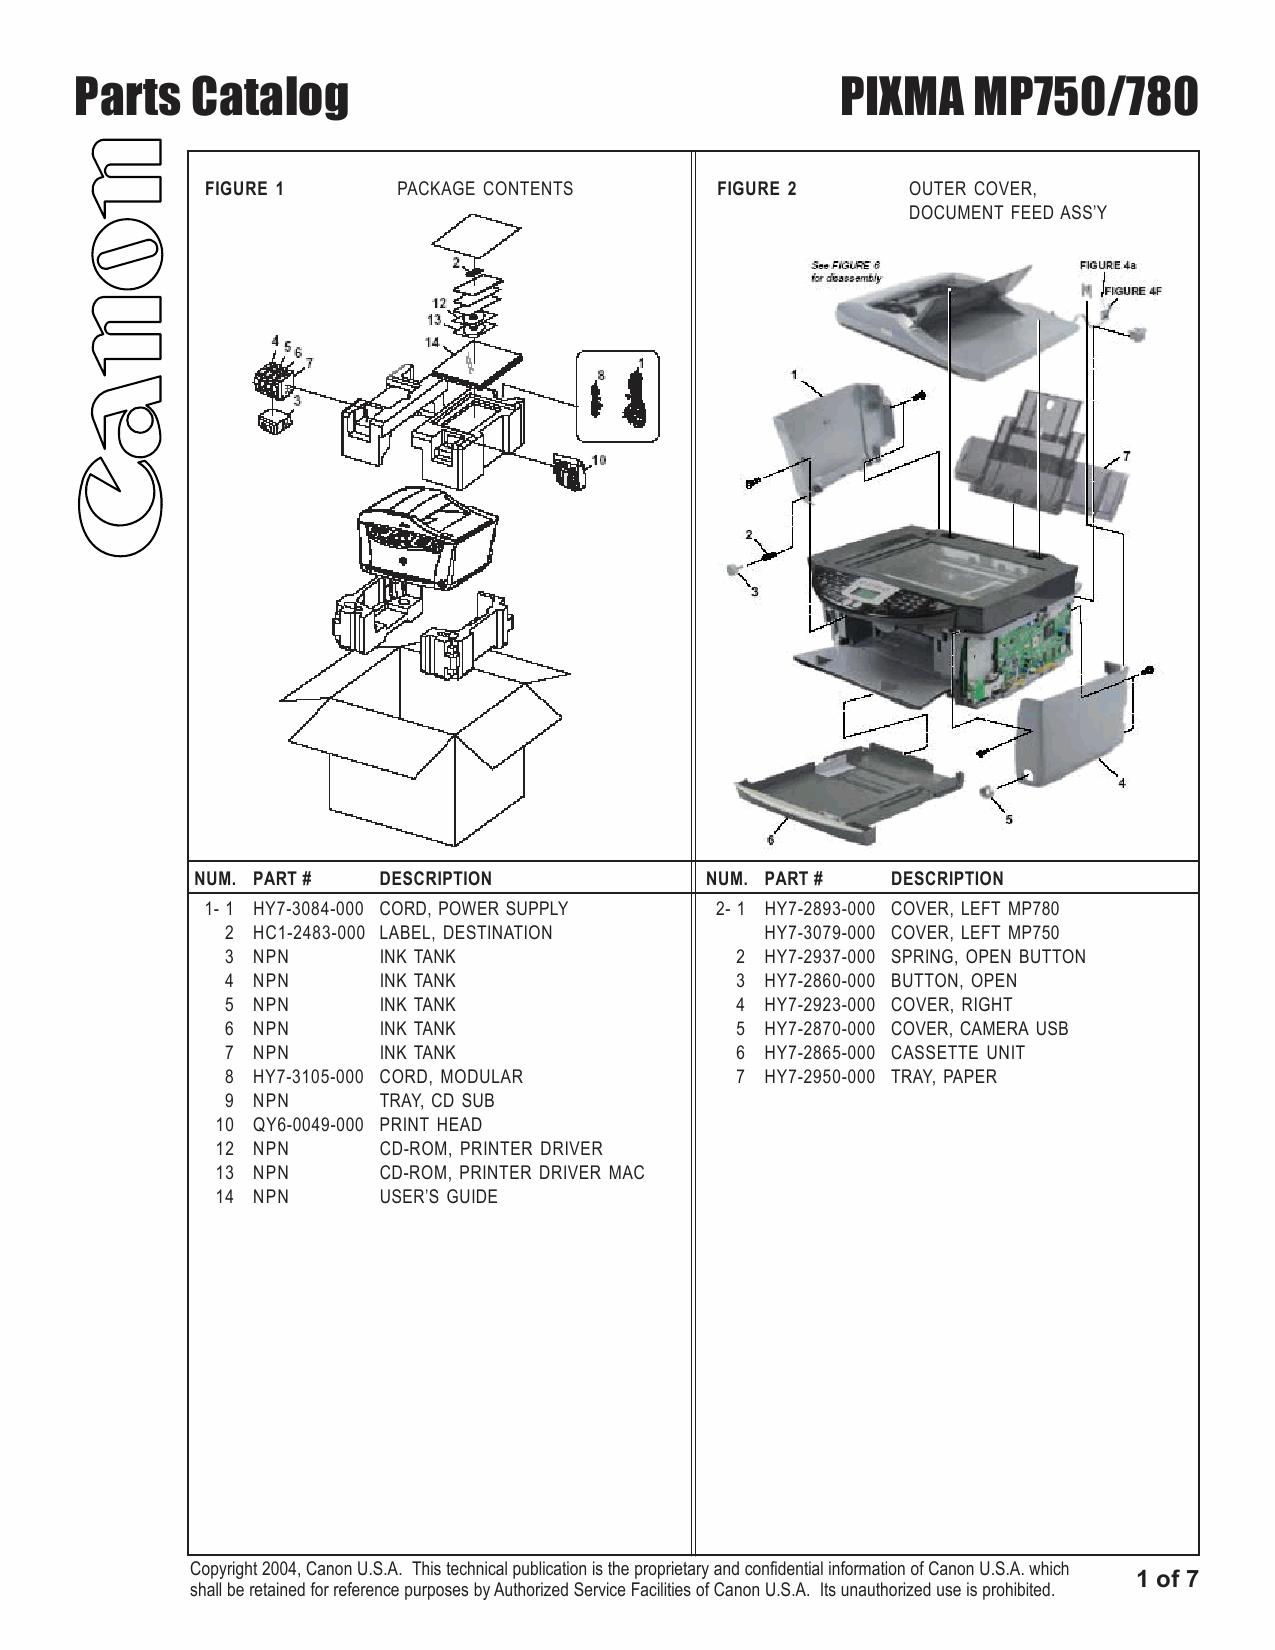 Canon PIXMA MP750 MP780 Part Catalog-2